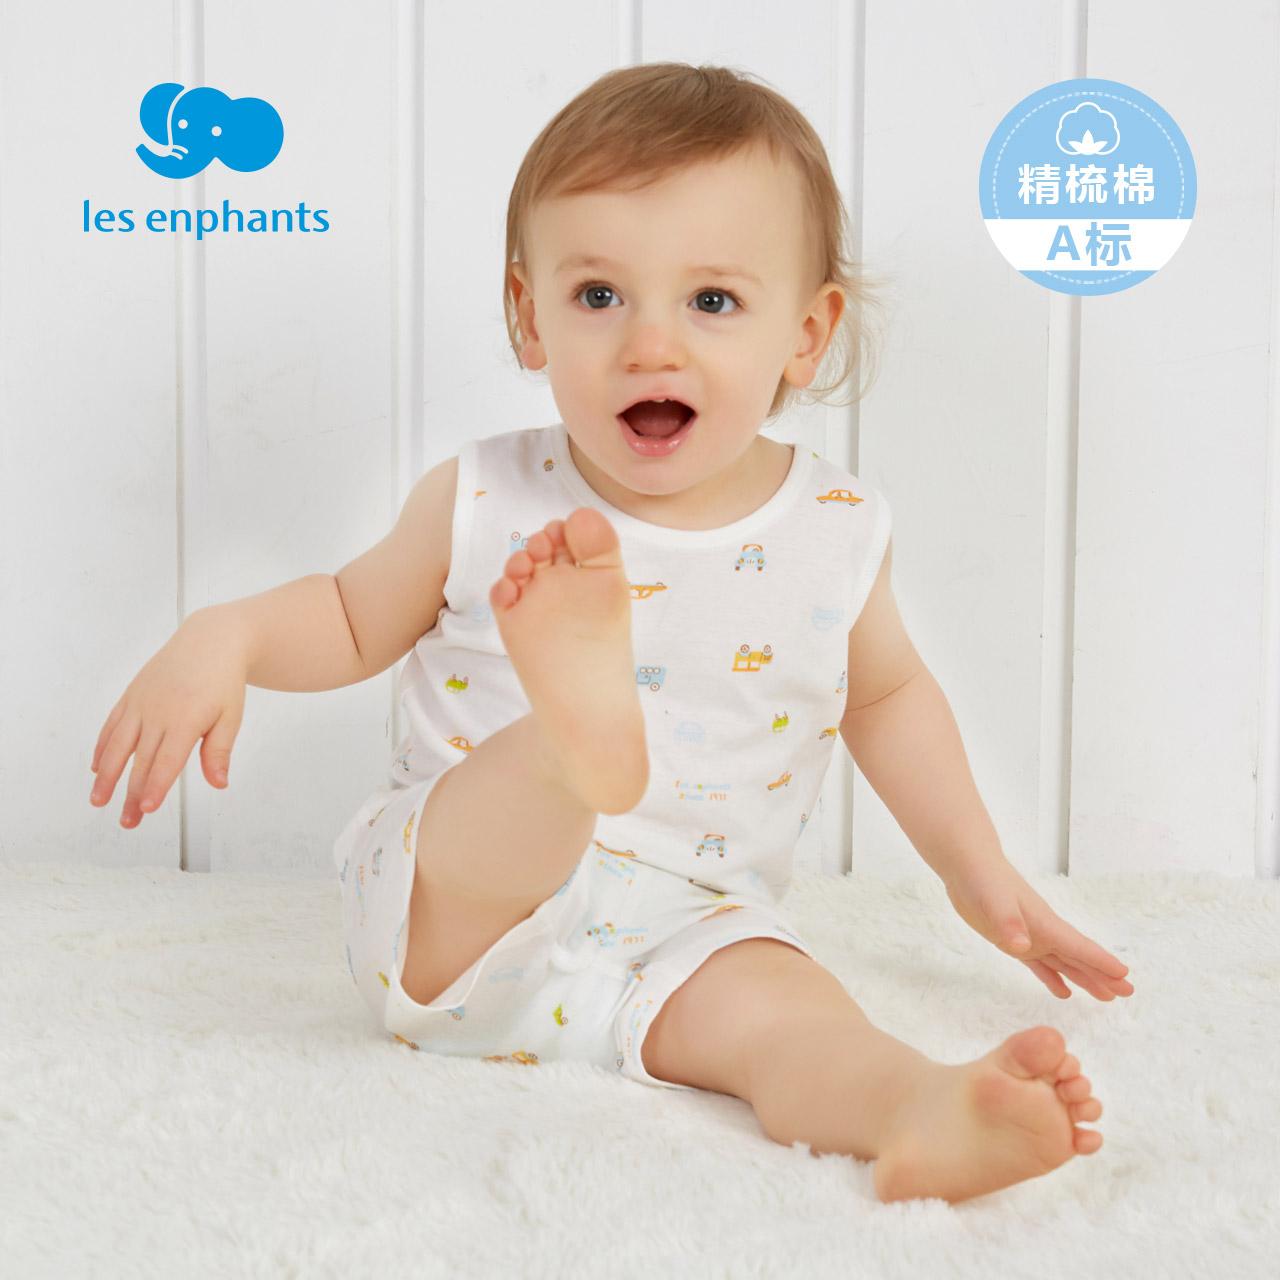 丽婴房婴儿衣服 儿童背心内衣套装男童纯棉夏季睡衣套装2018款